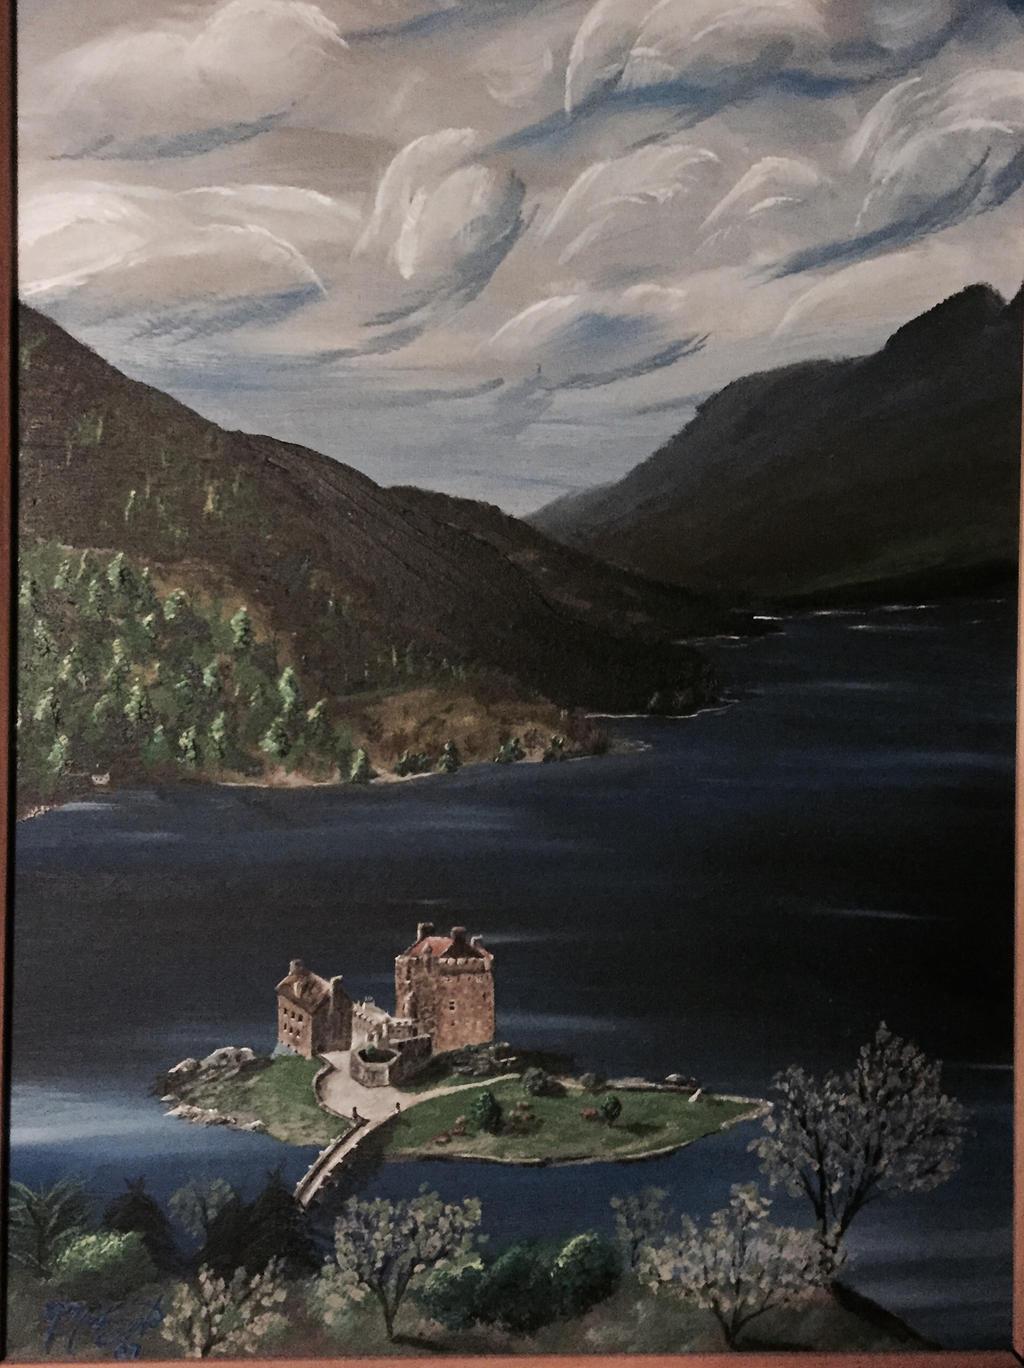 Scottish Loch by kdrmickey